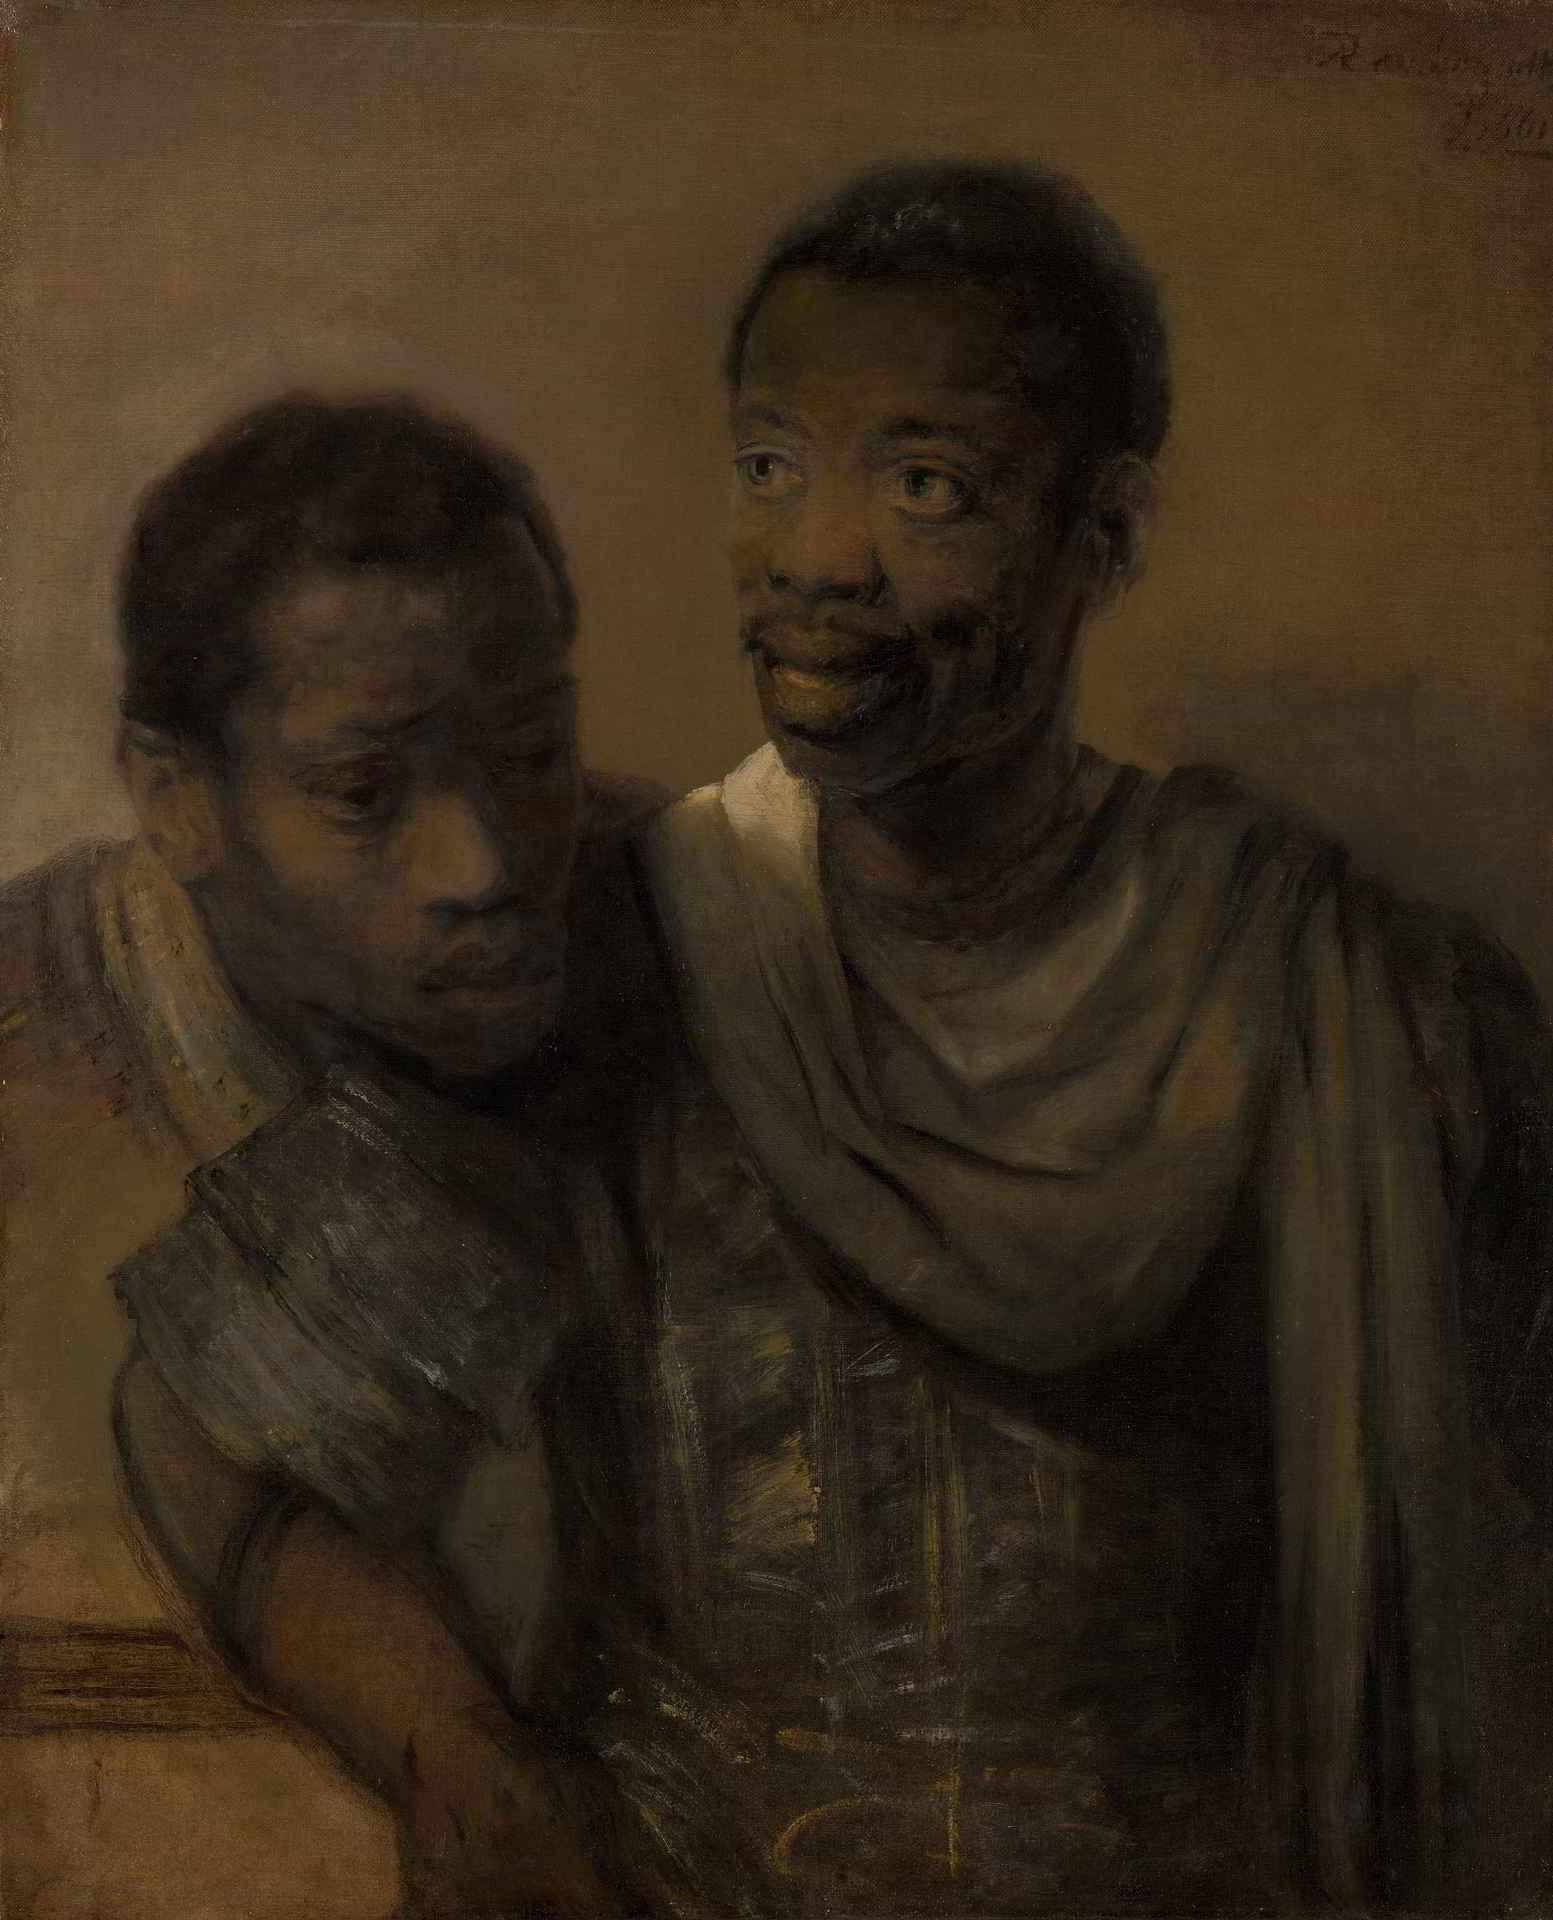 Rembrandt van Rijn (1606-1669), <em>Two African Men</em>, 1661 Mauritshuis, The Hague